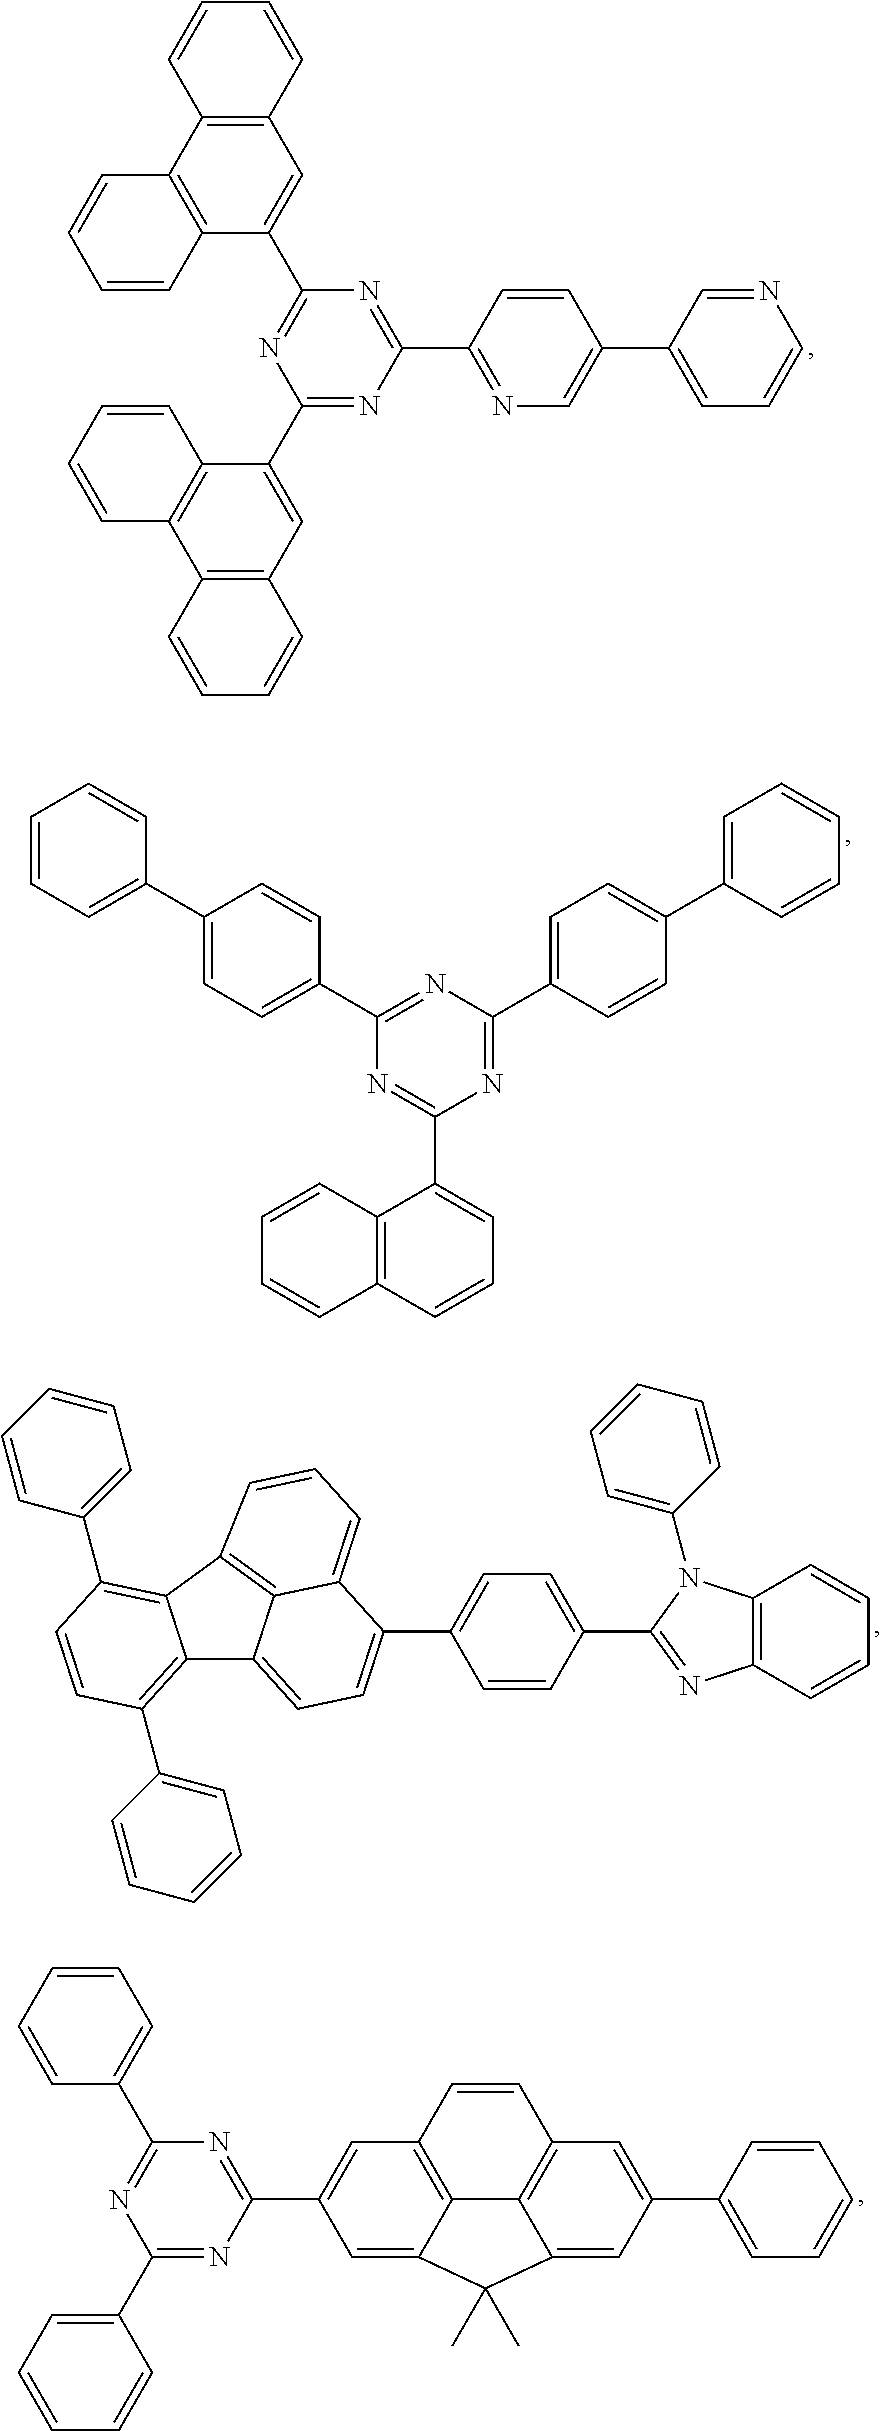 Figure US09978956-20180522-C00097